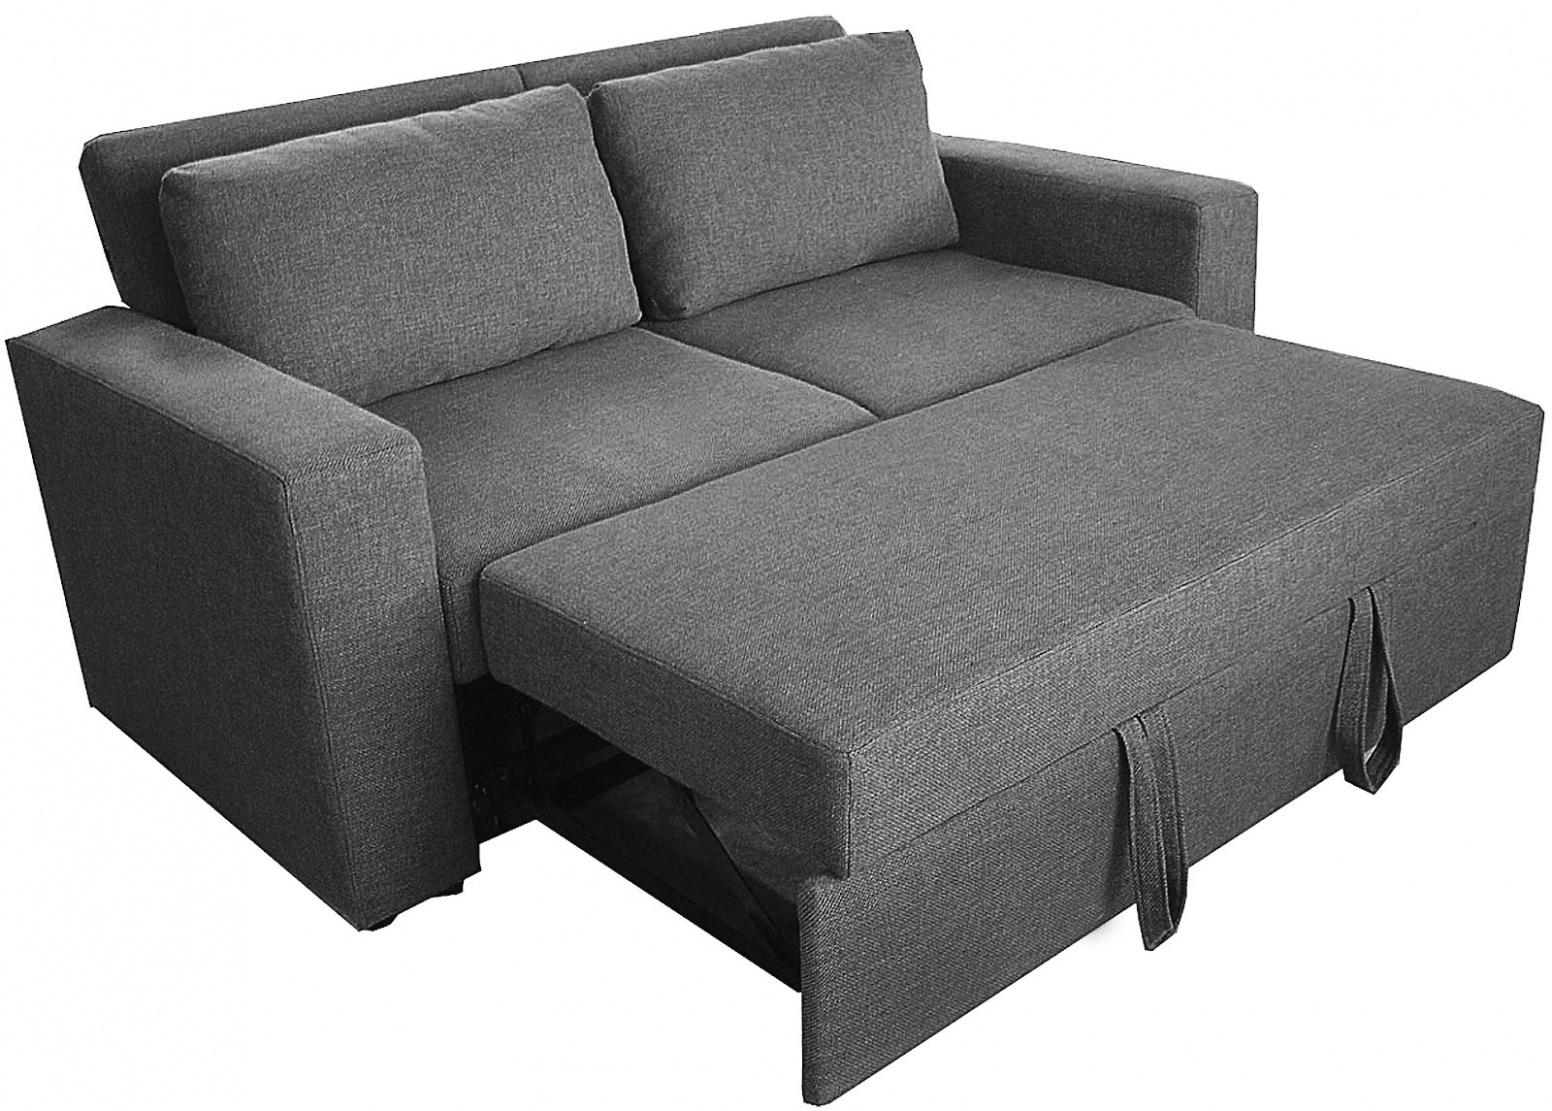 Friheten Ikea Avis Beau Photos Friheten Friheten sofa Bed Ikea Sectional Sleeper Friheten Sleeper